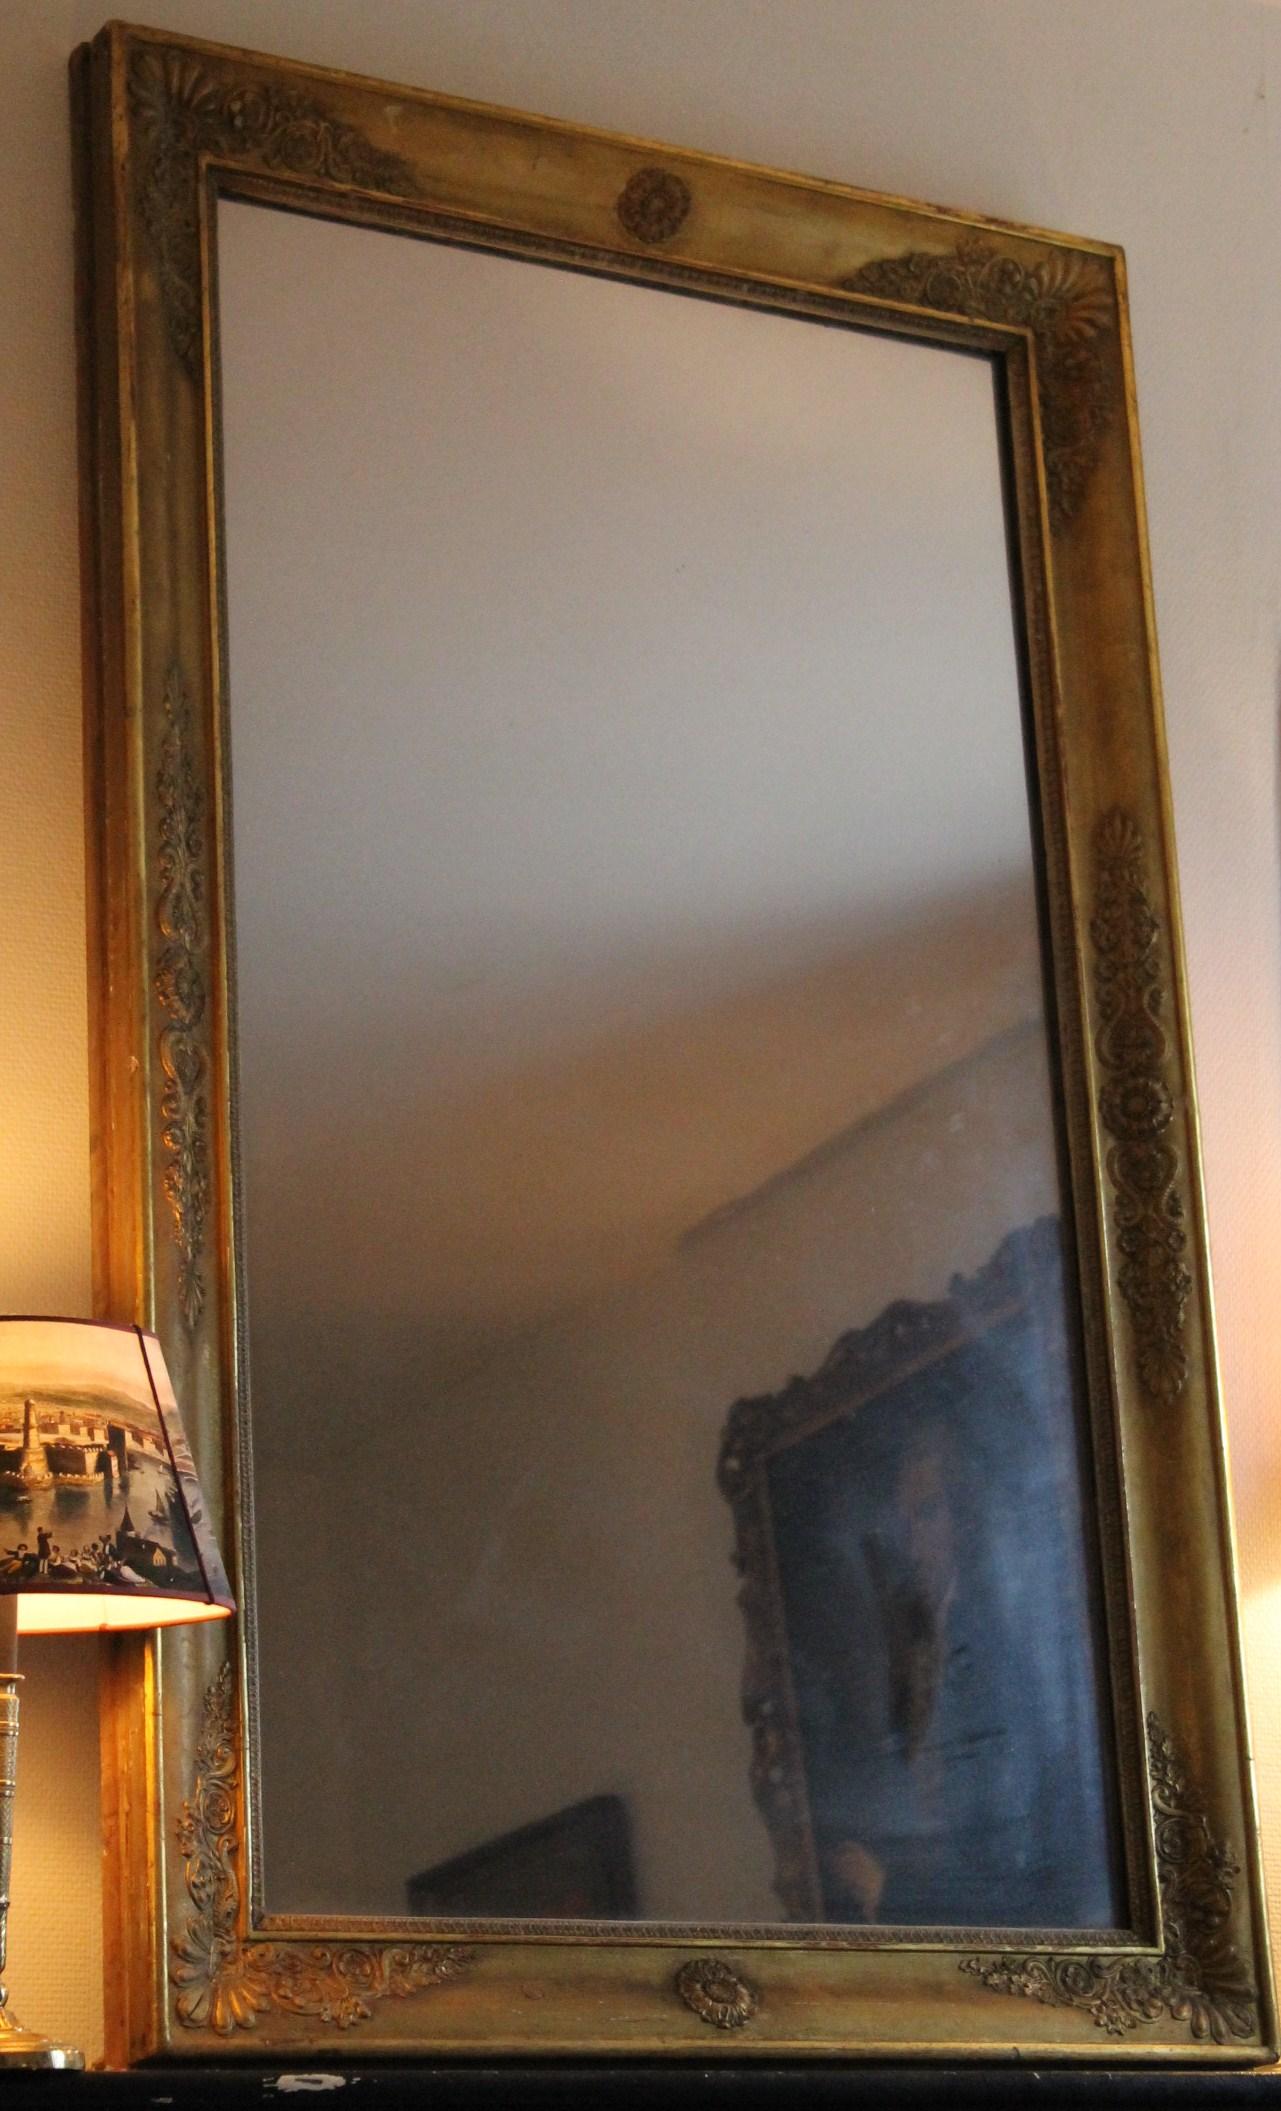 Grand miroir d poque restauration 140 cm x 86 cm for Restauration miroir